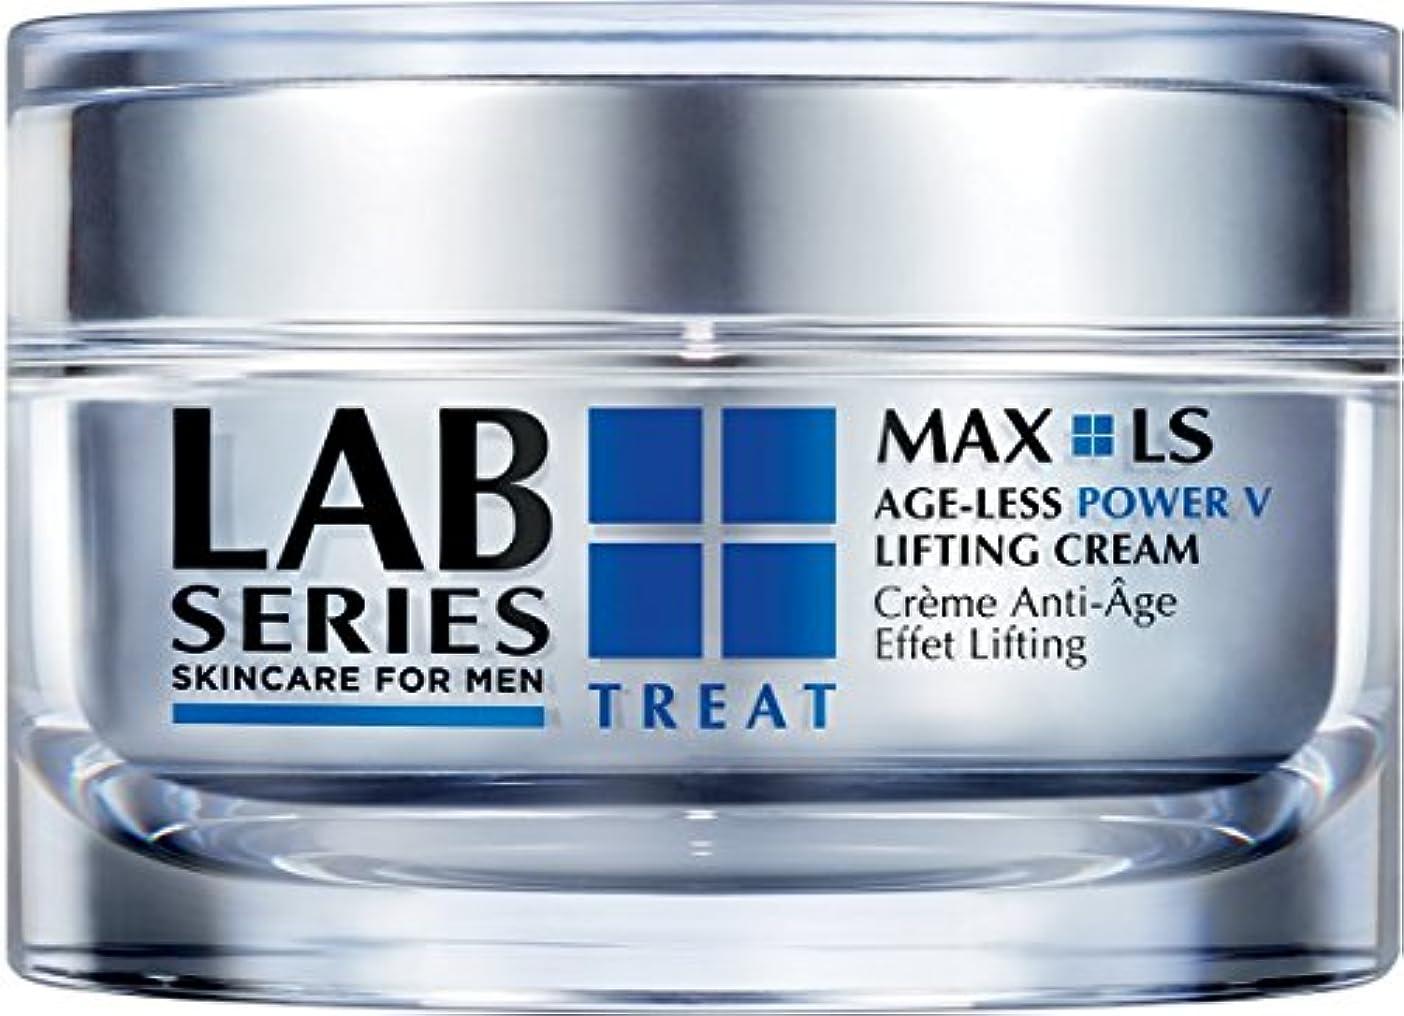 入射受益者チューインガムラボシリーズ (LAB SERIES) マックス LS V クリーム 50mL